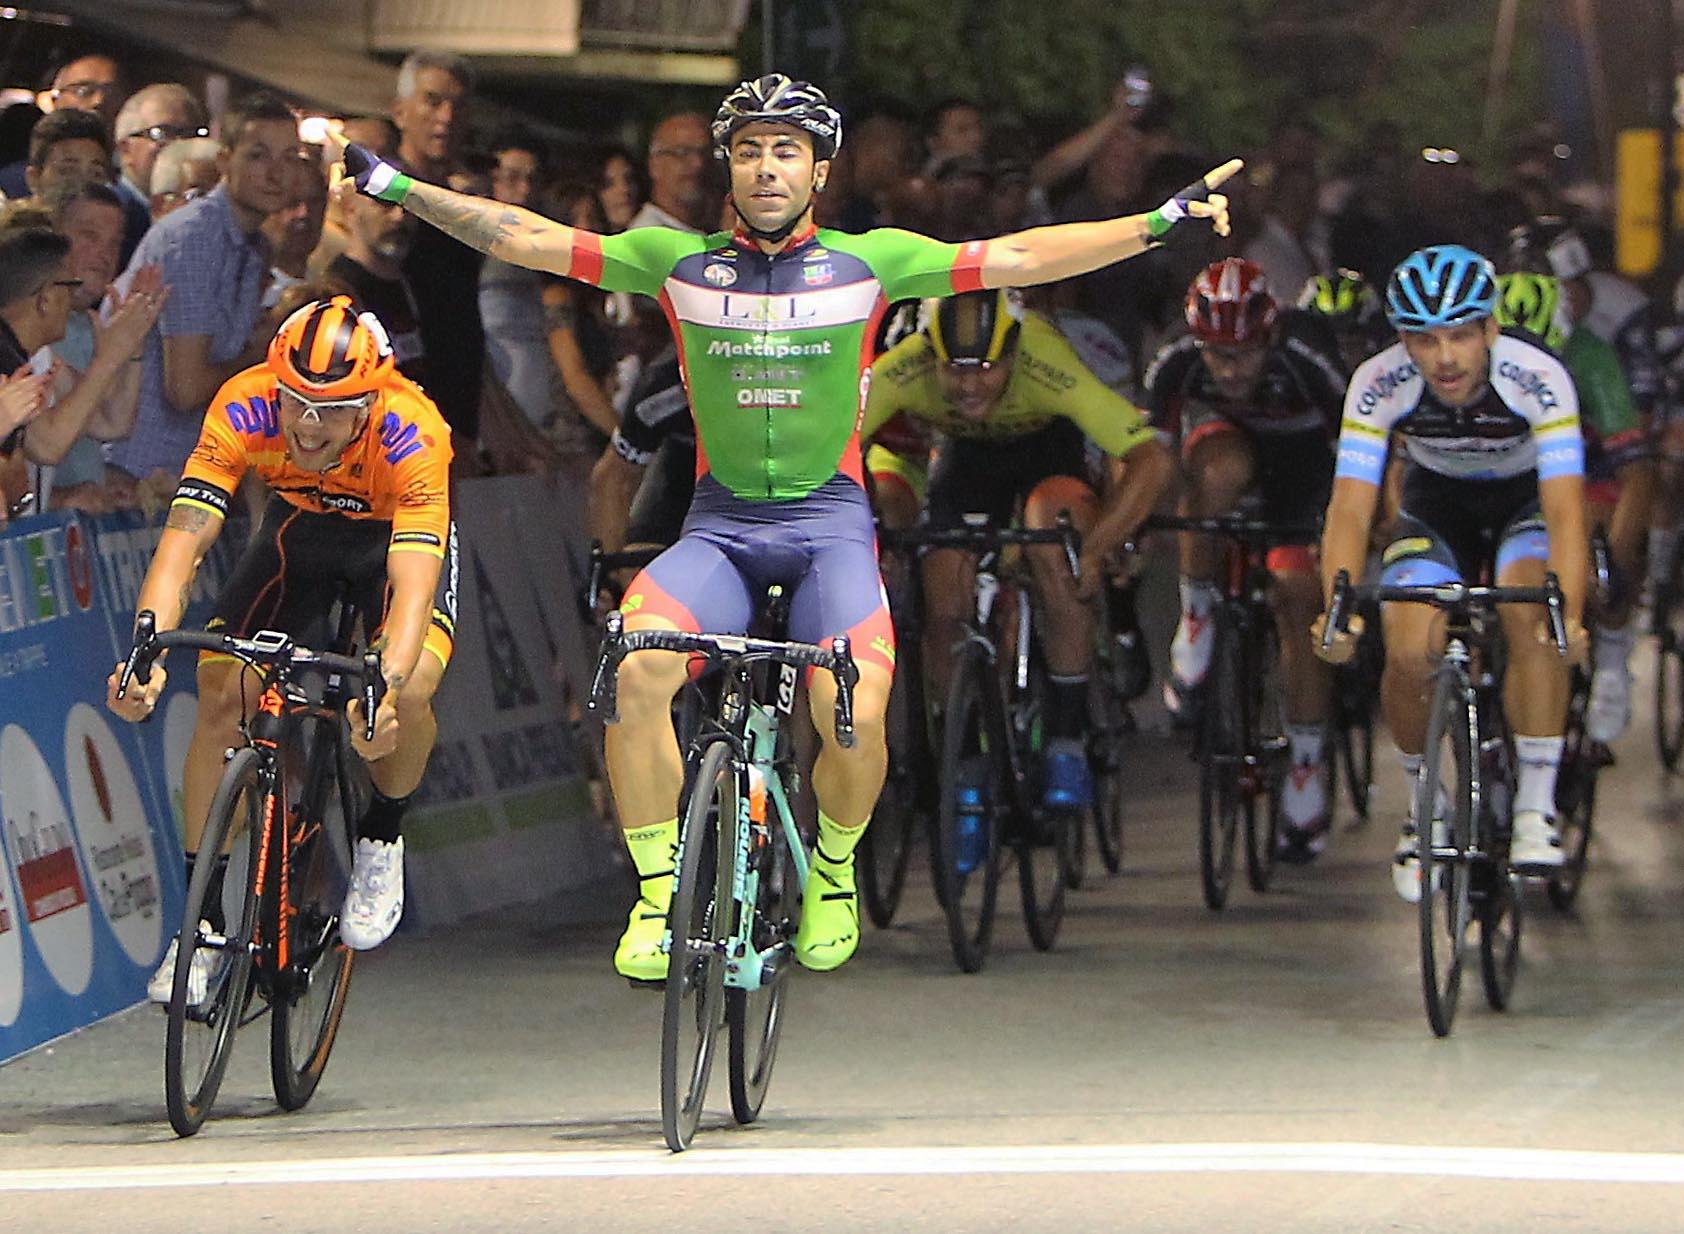 La vittoria di Gianmarco Begnoni nel Memorial Gianni Biz di Brugnera